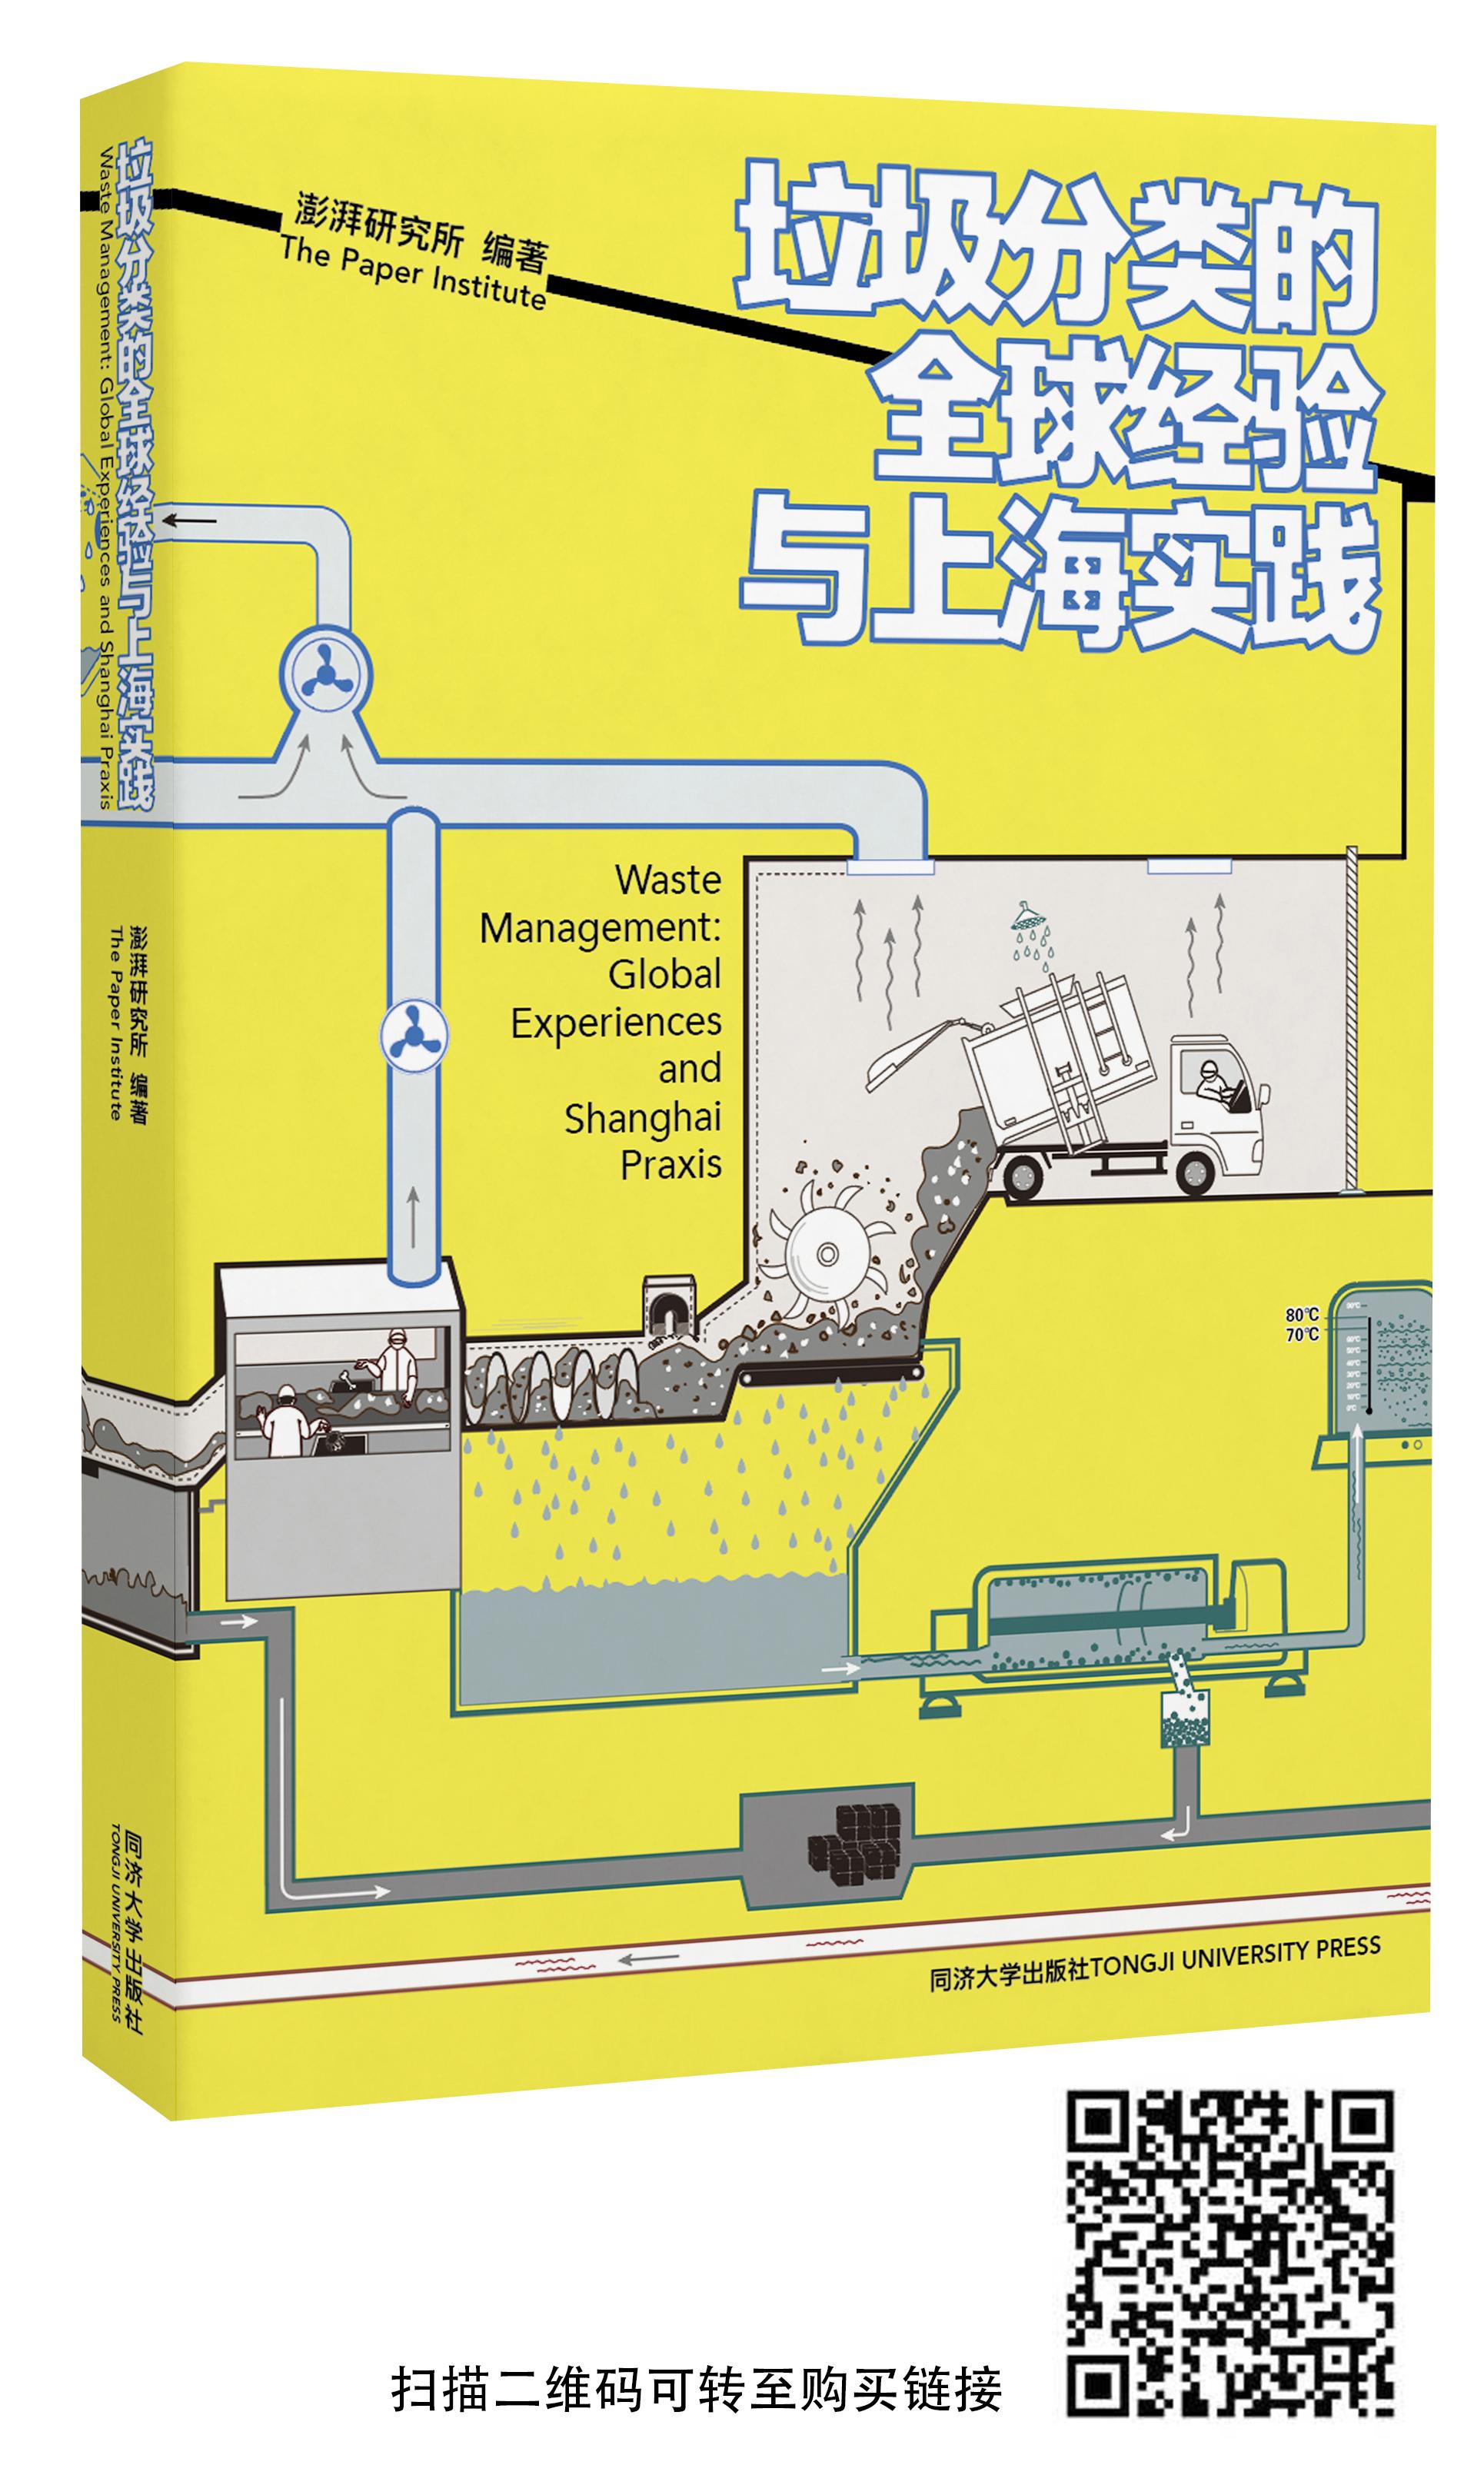 """由澎湃研究所编著的《垃圾分类的全球经验与上海实践》刚刚上市,请扫描二维码或关注微信公众号""""群岛丨Archipelago""""和""""同济大学出版社""""的微店,当当网亦有销售。"""